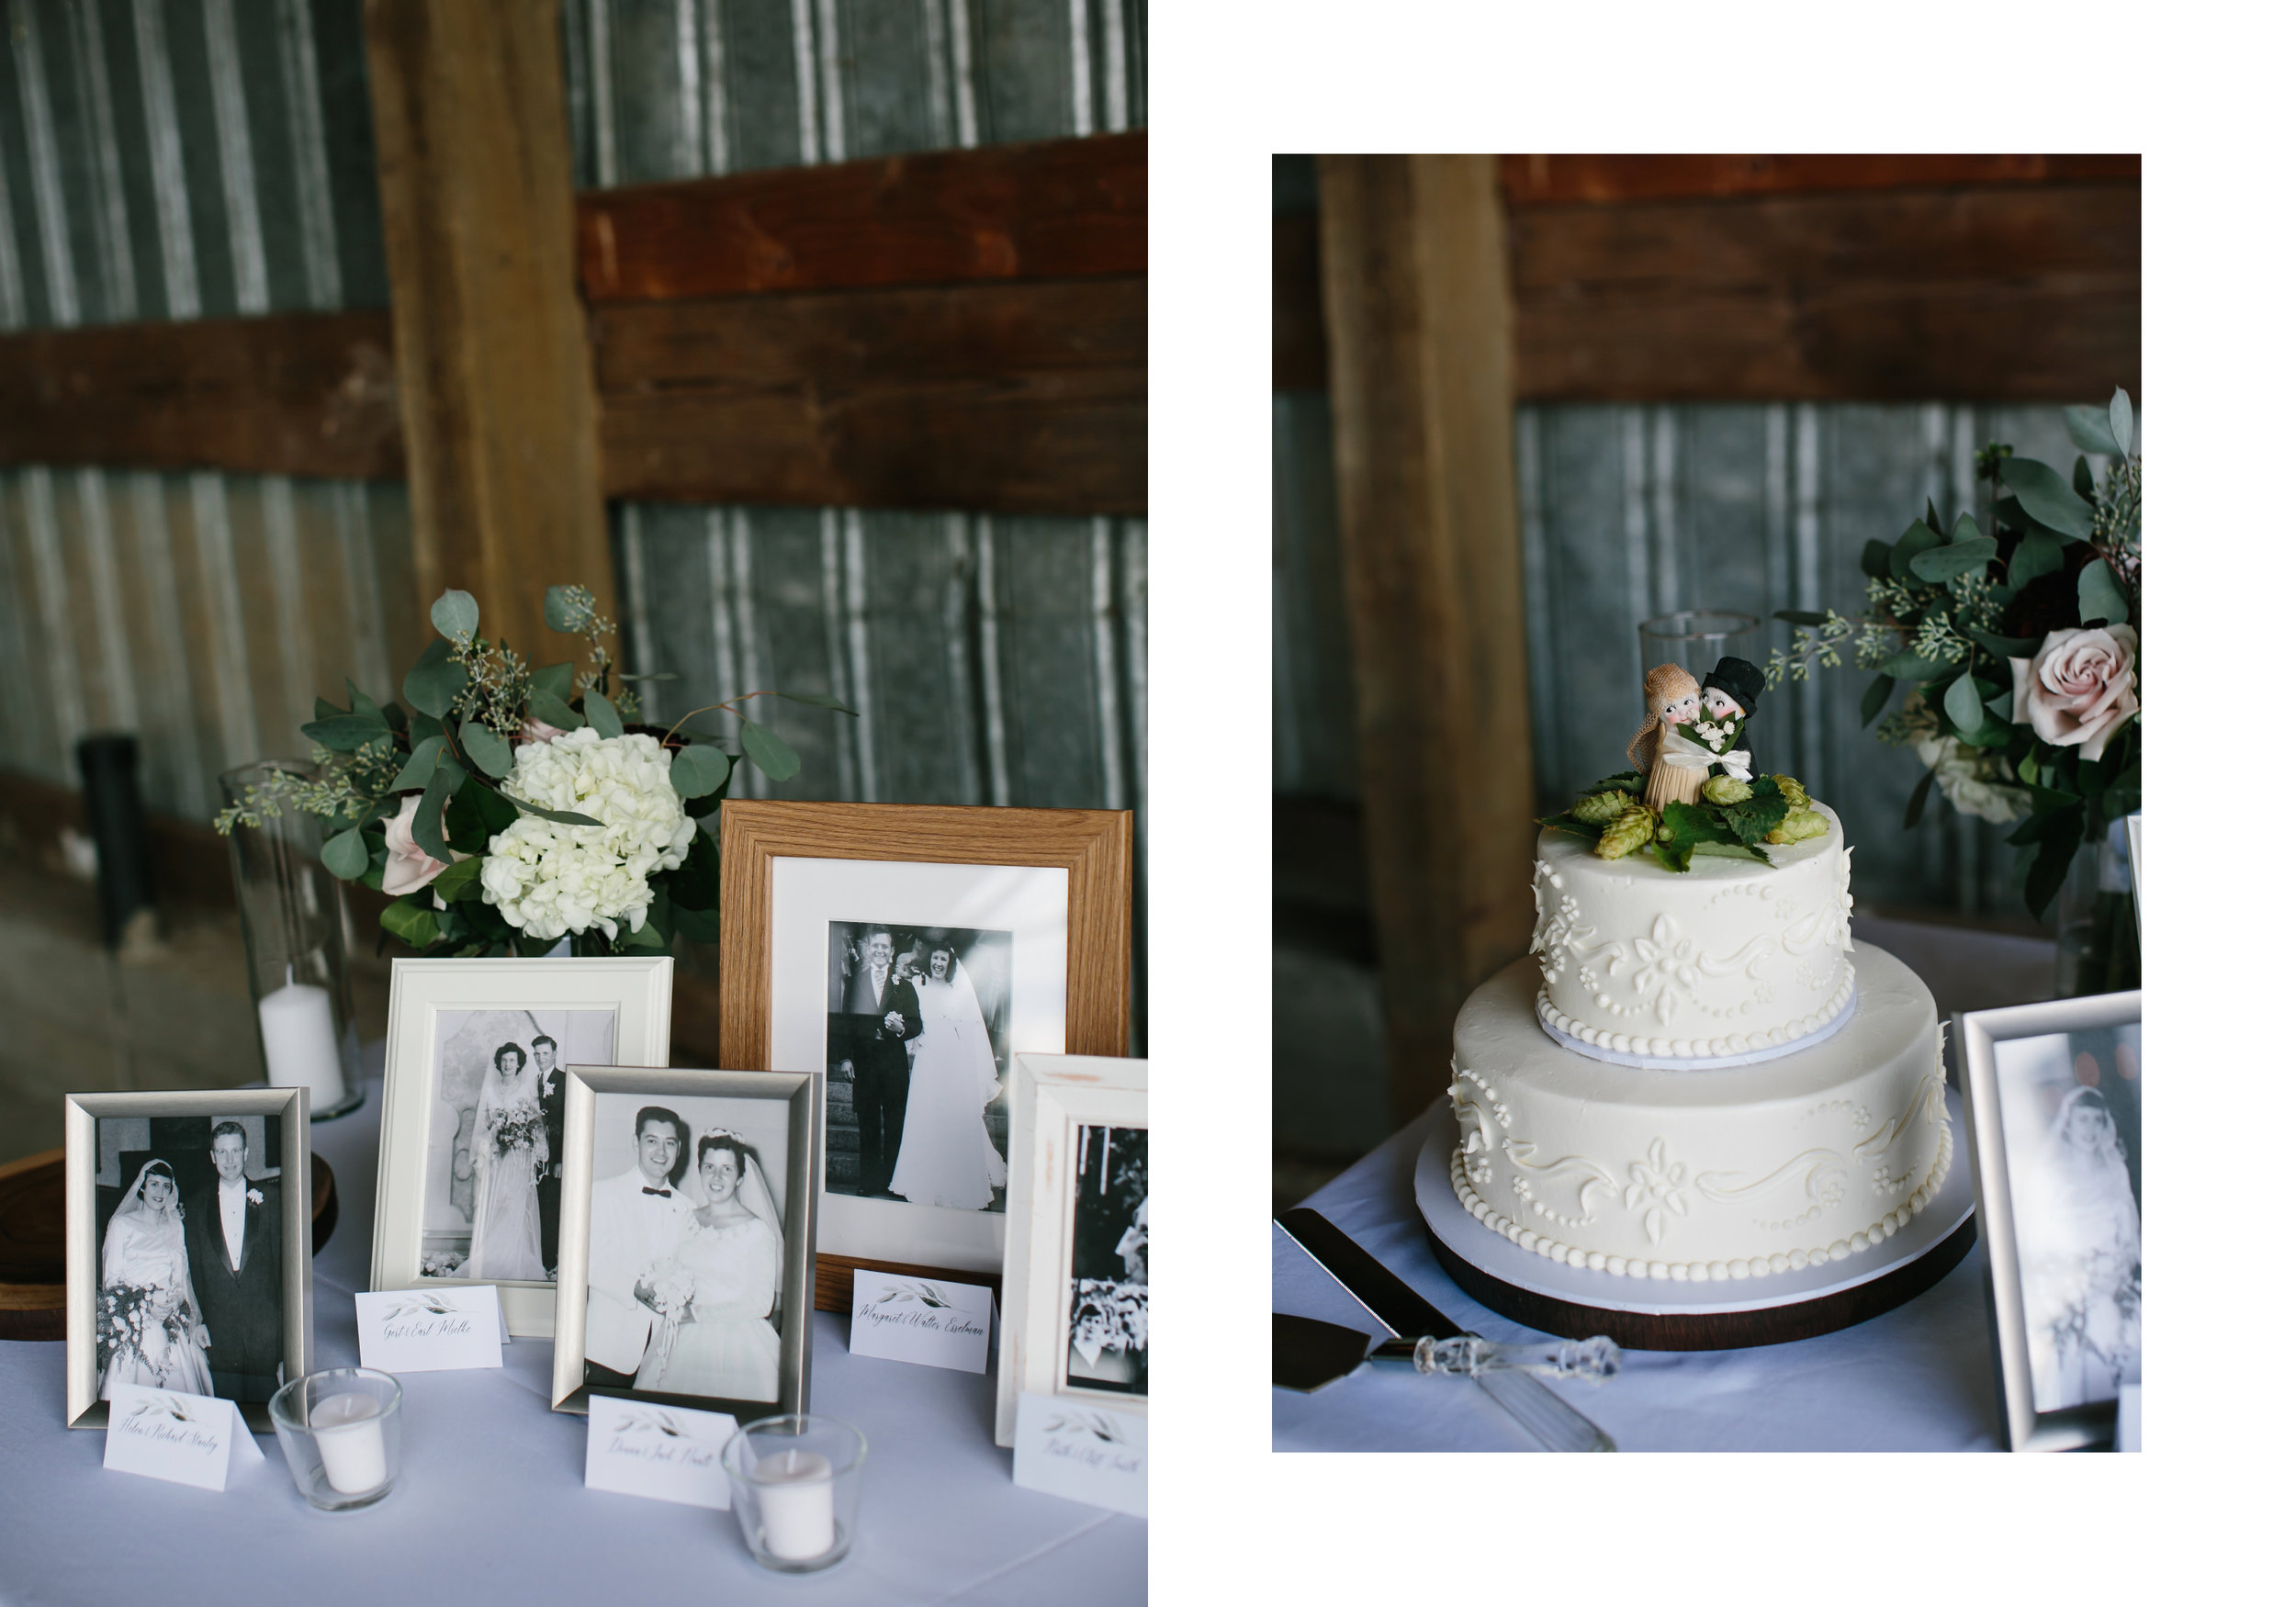 scholls-valley-lodge-wedding-photographer-ashley-courter0010.JPG